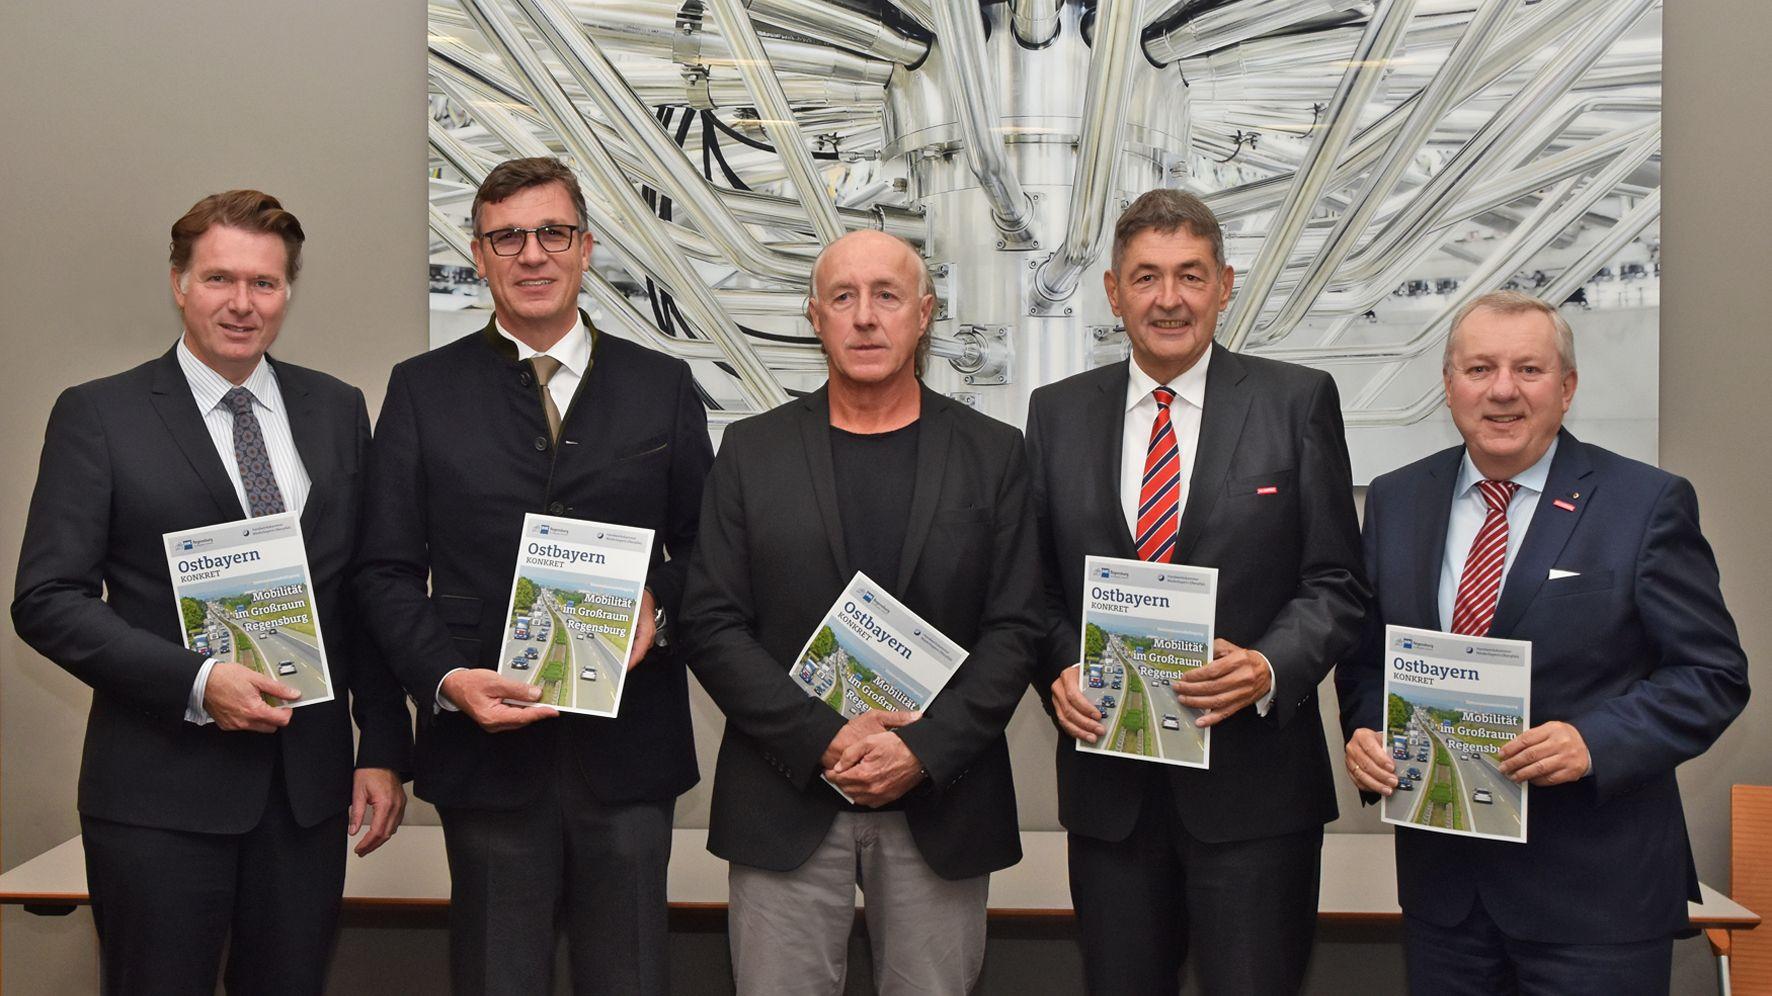 Wirtschaftsvertreter stellten die Umfrage in Regensburg vor